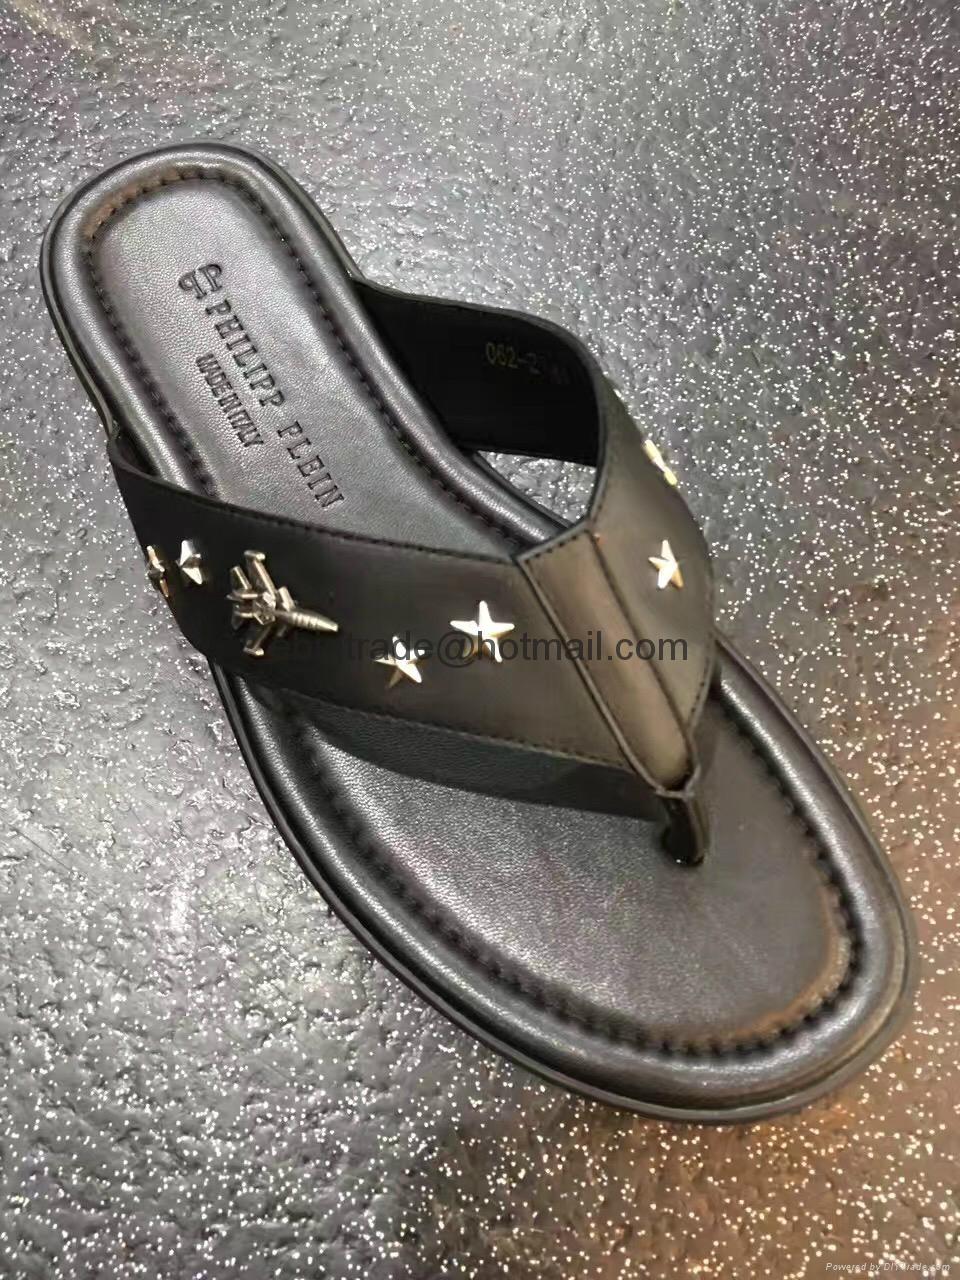 Cheap Philipp Plein sandals